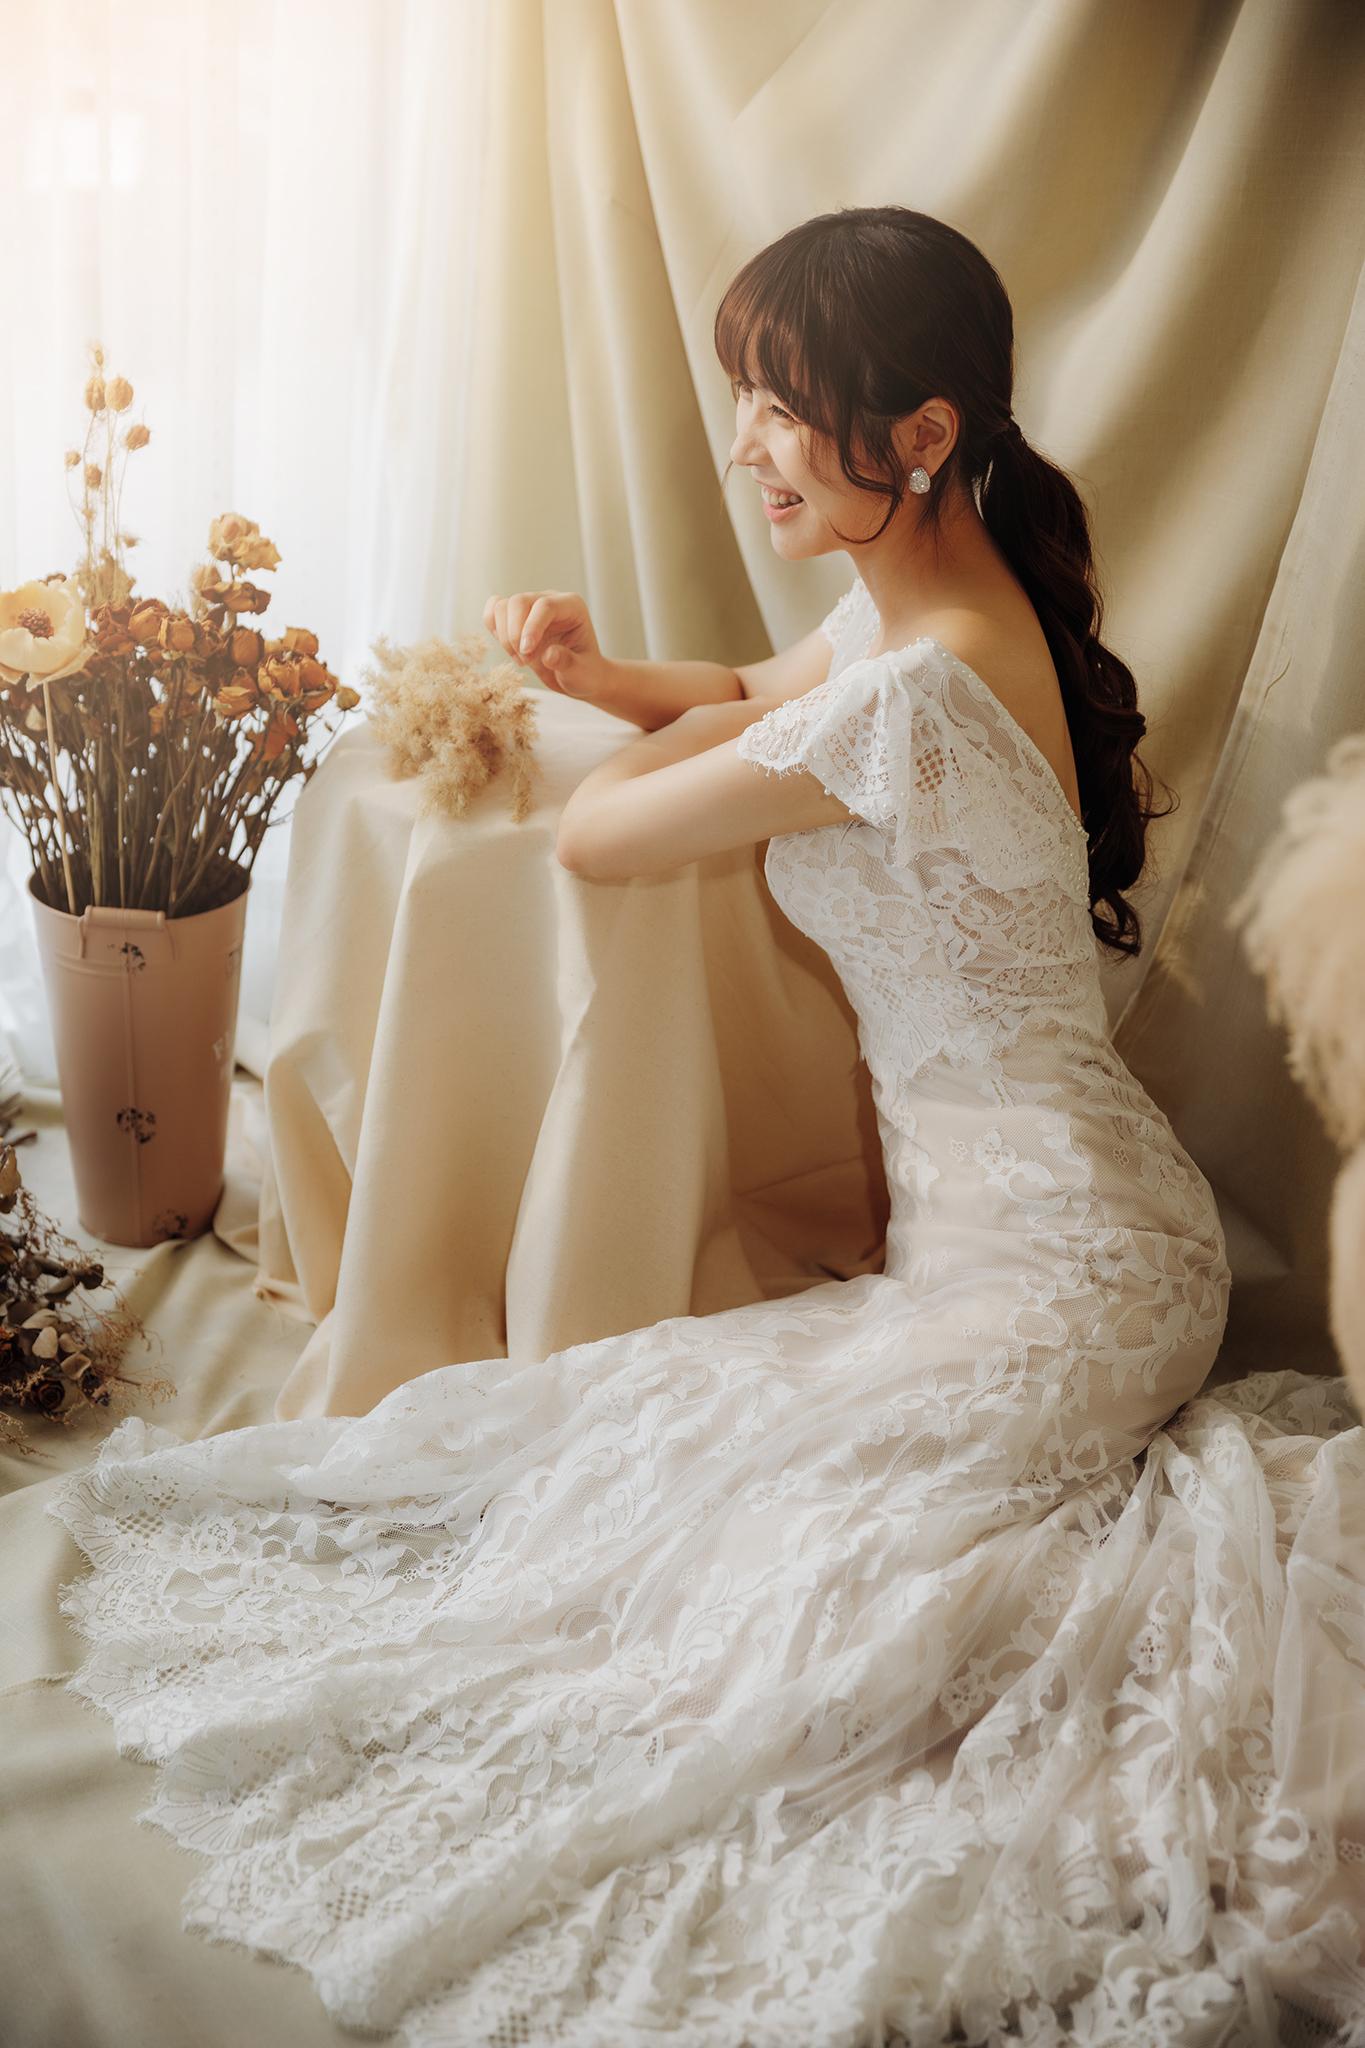 48956979811 dd4cb1ef78 o - 【自主婚紗】+Yu+